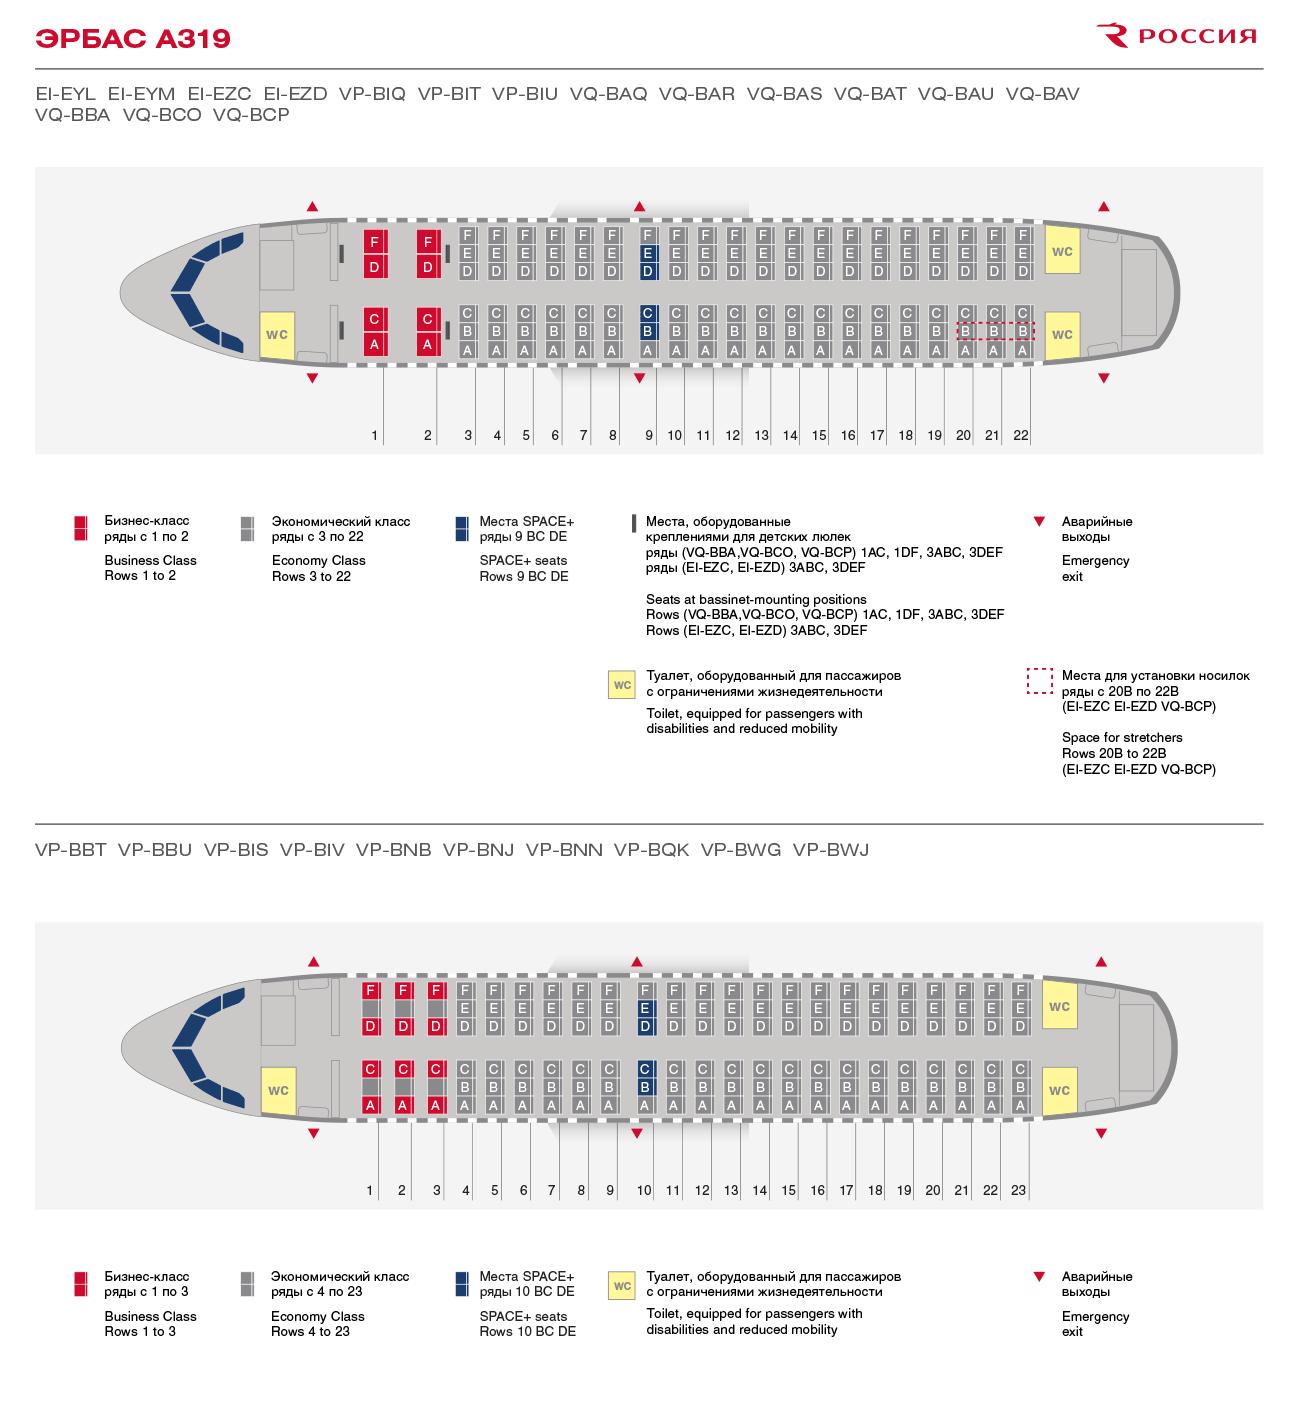 Схема салонов в Аэробусе 319 компании Россия